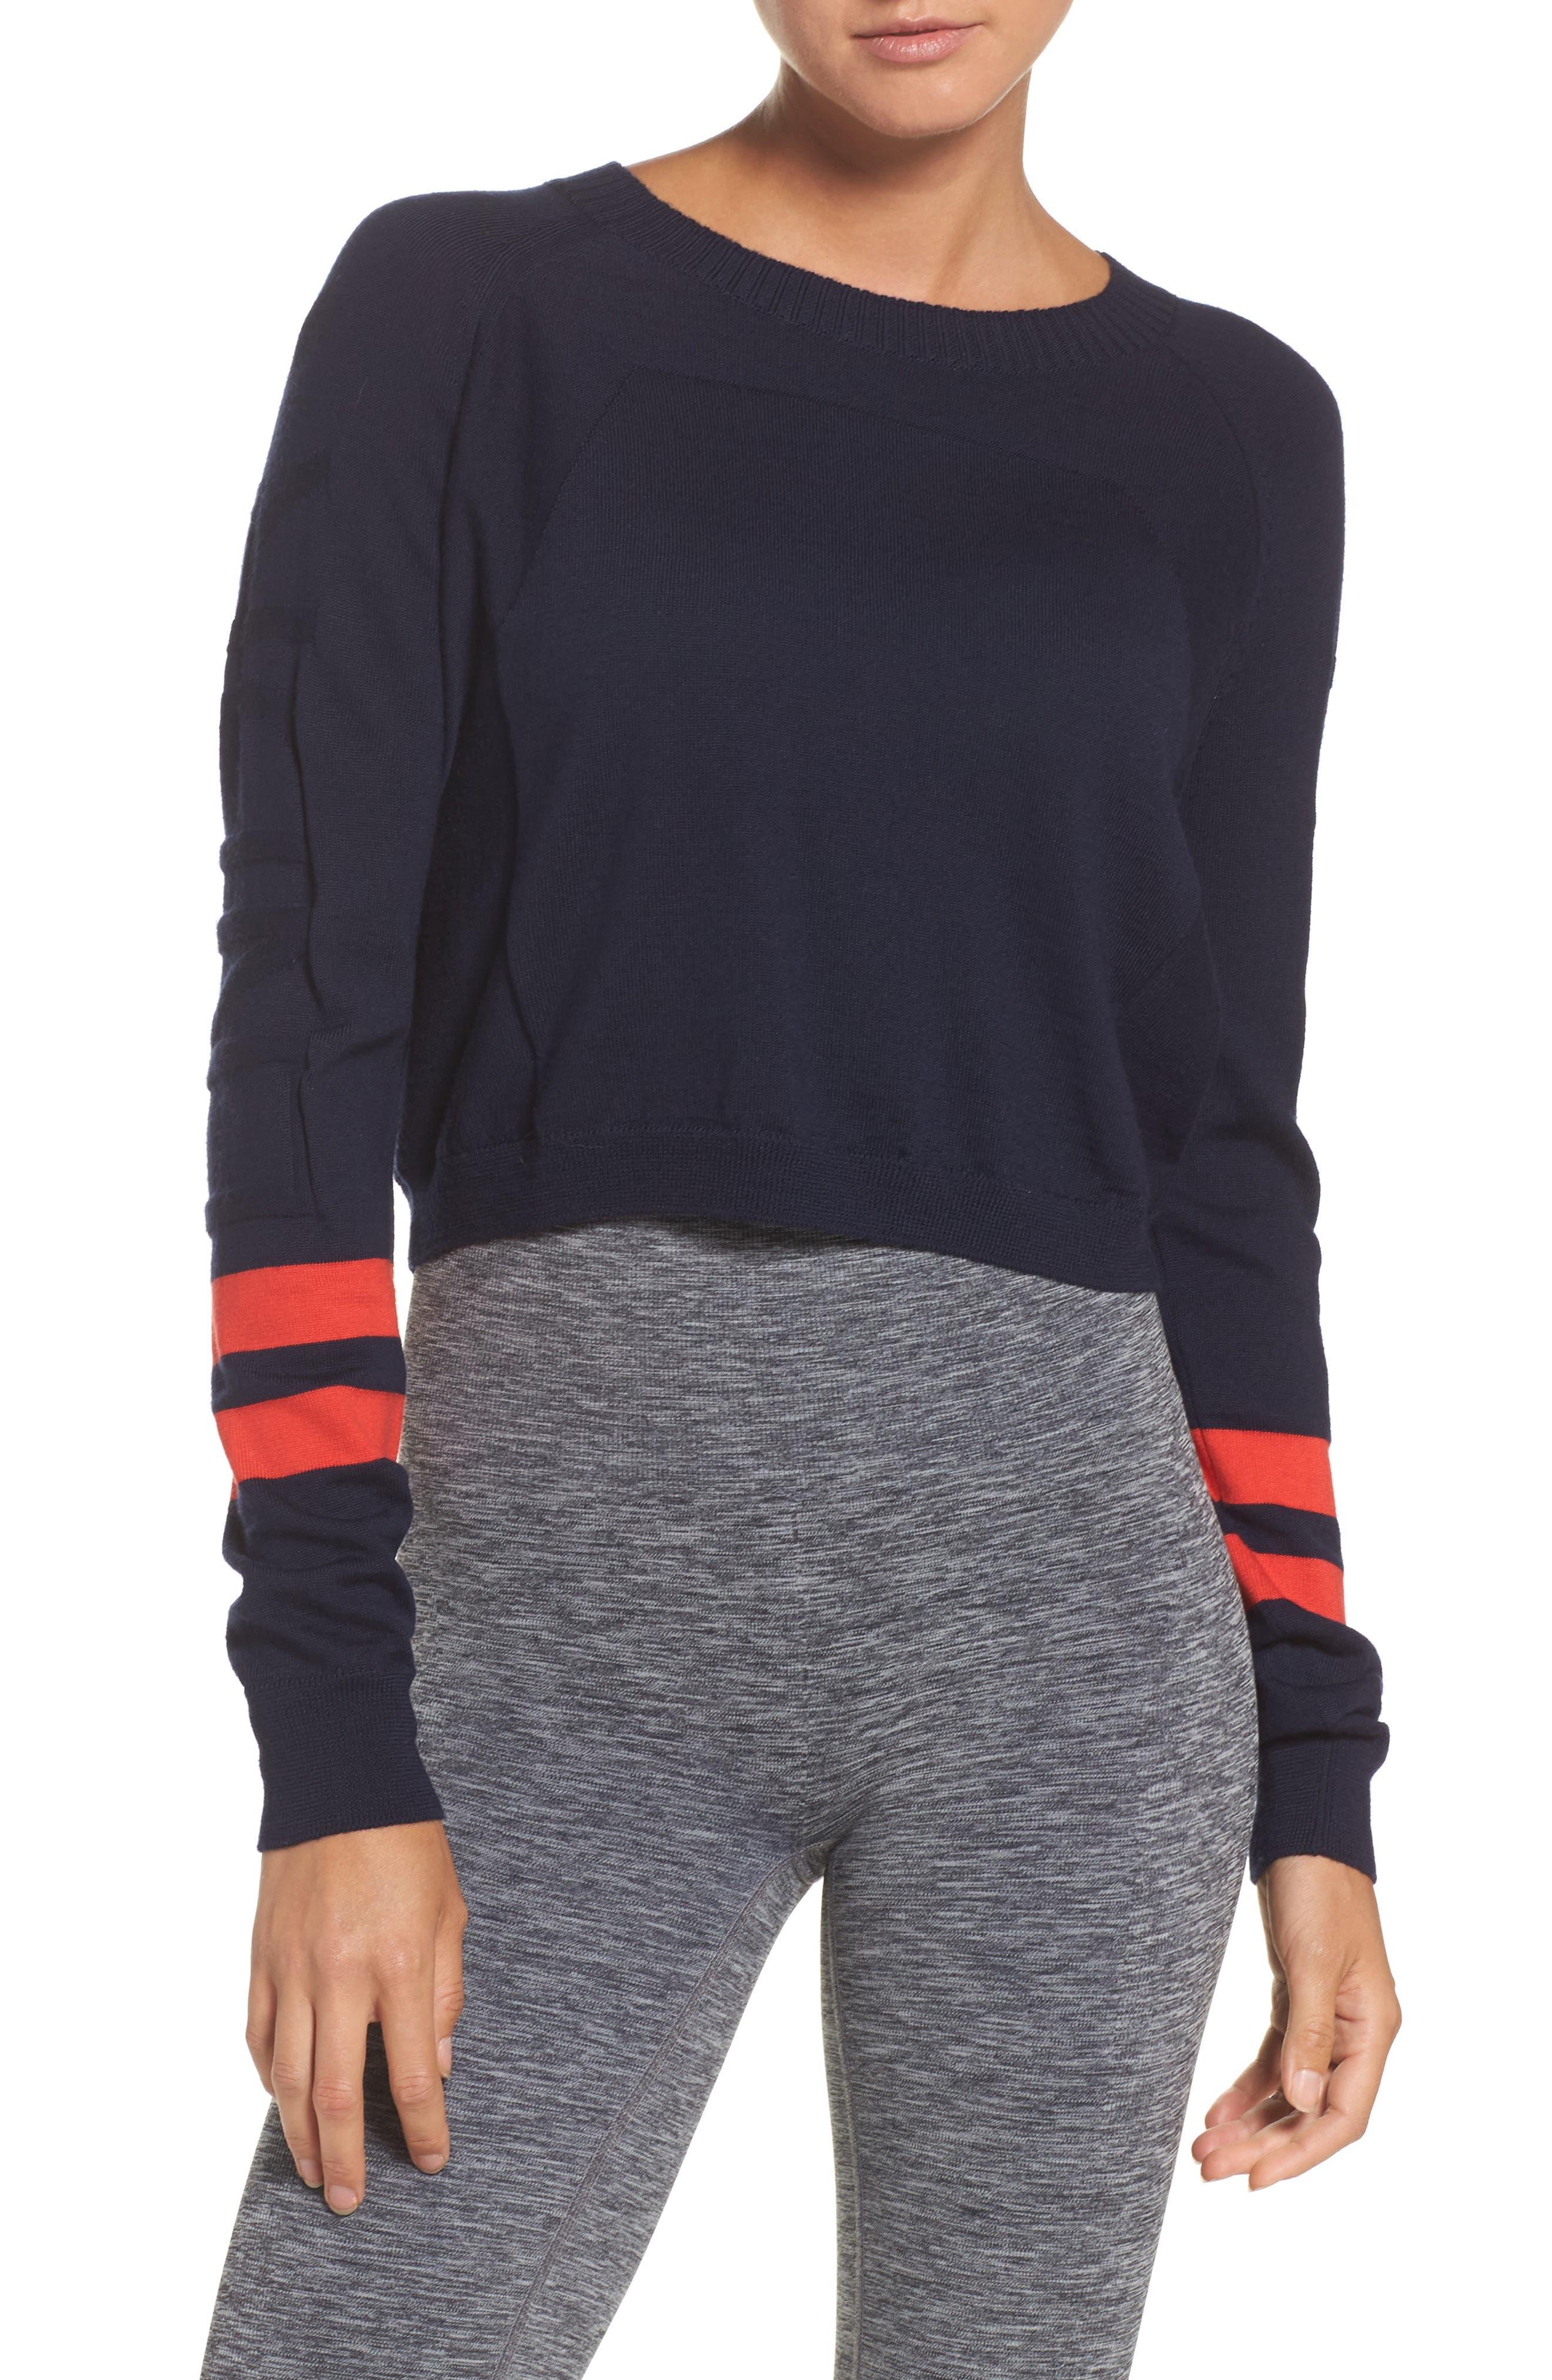 LNDR Ace Crop Sweater